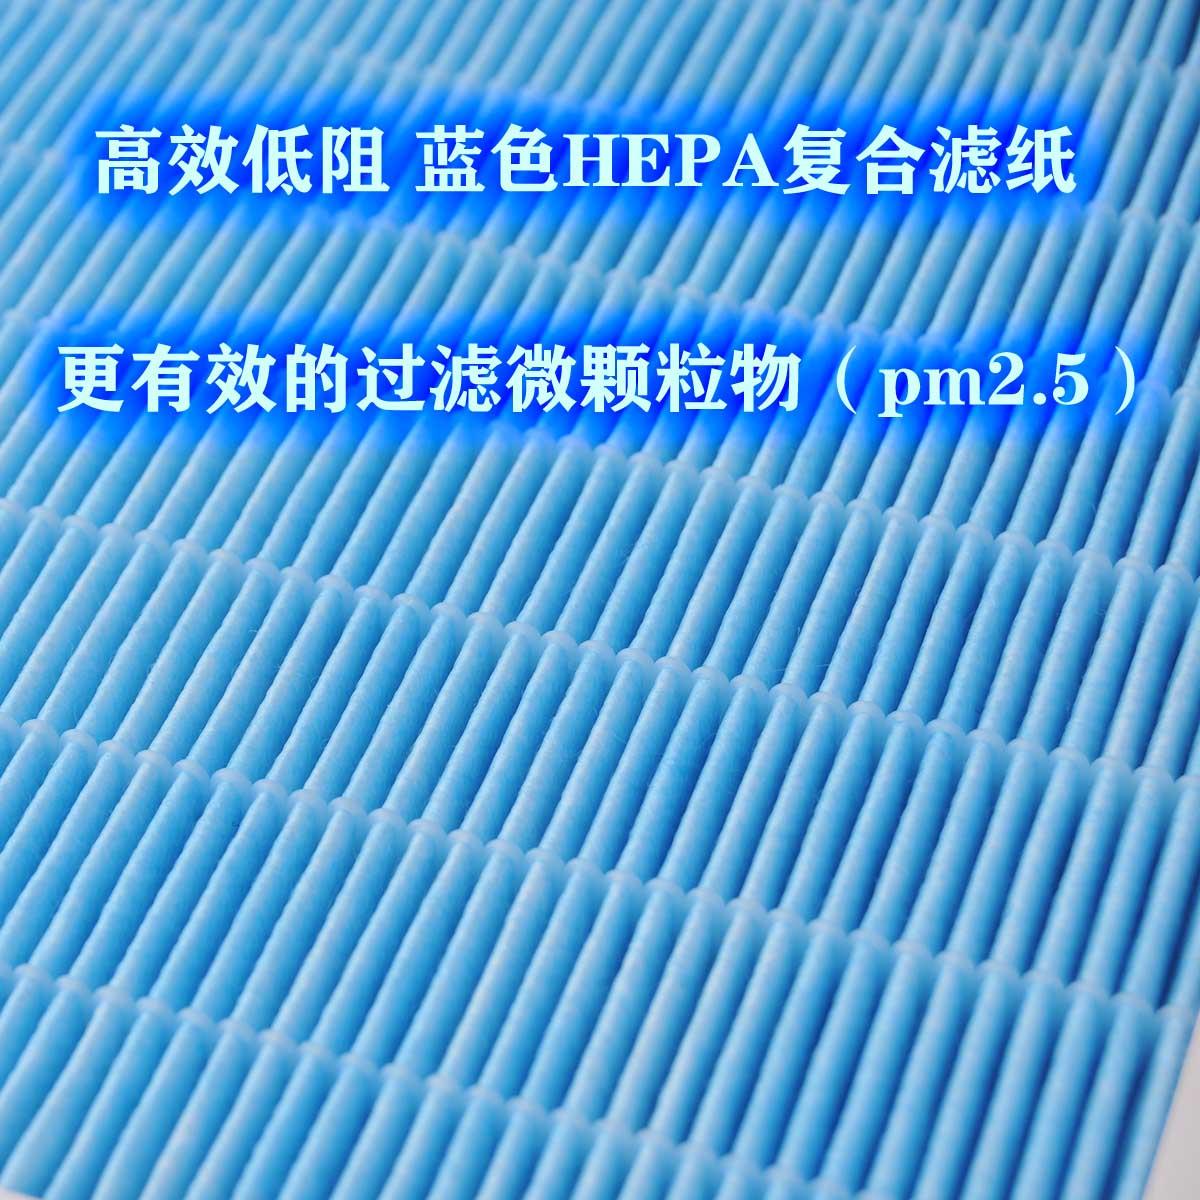 Auto - adapter - geruch von formaldehyd anti - smog PM2,5 Pollen - Filter HEPA - klimaanlage - Filter